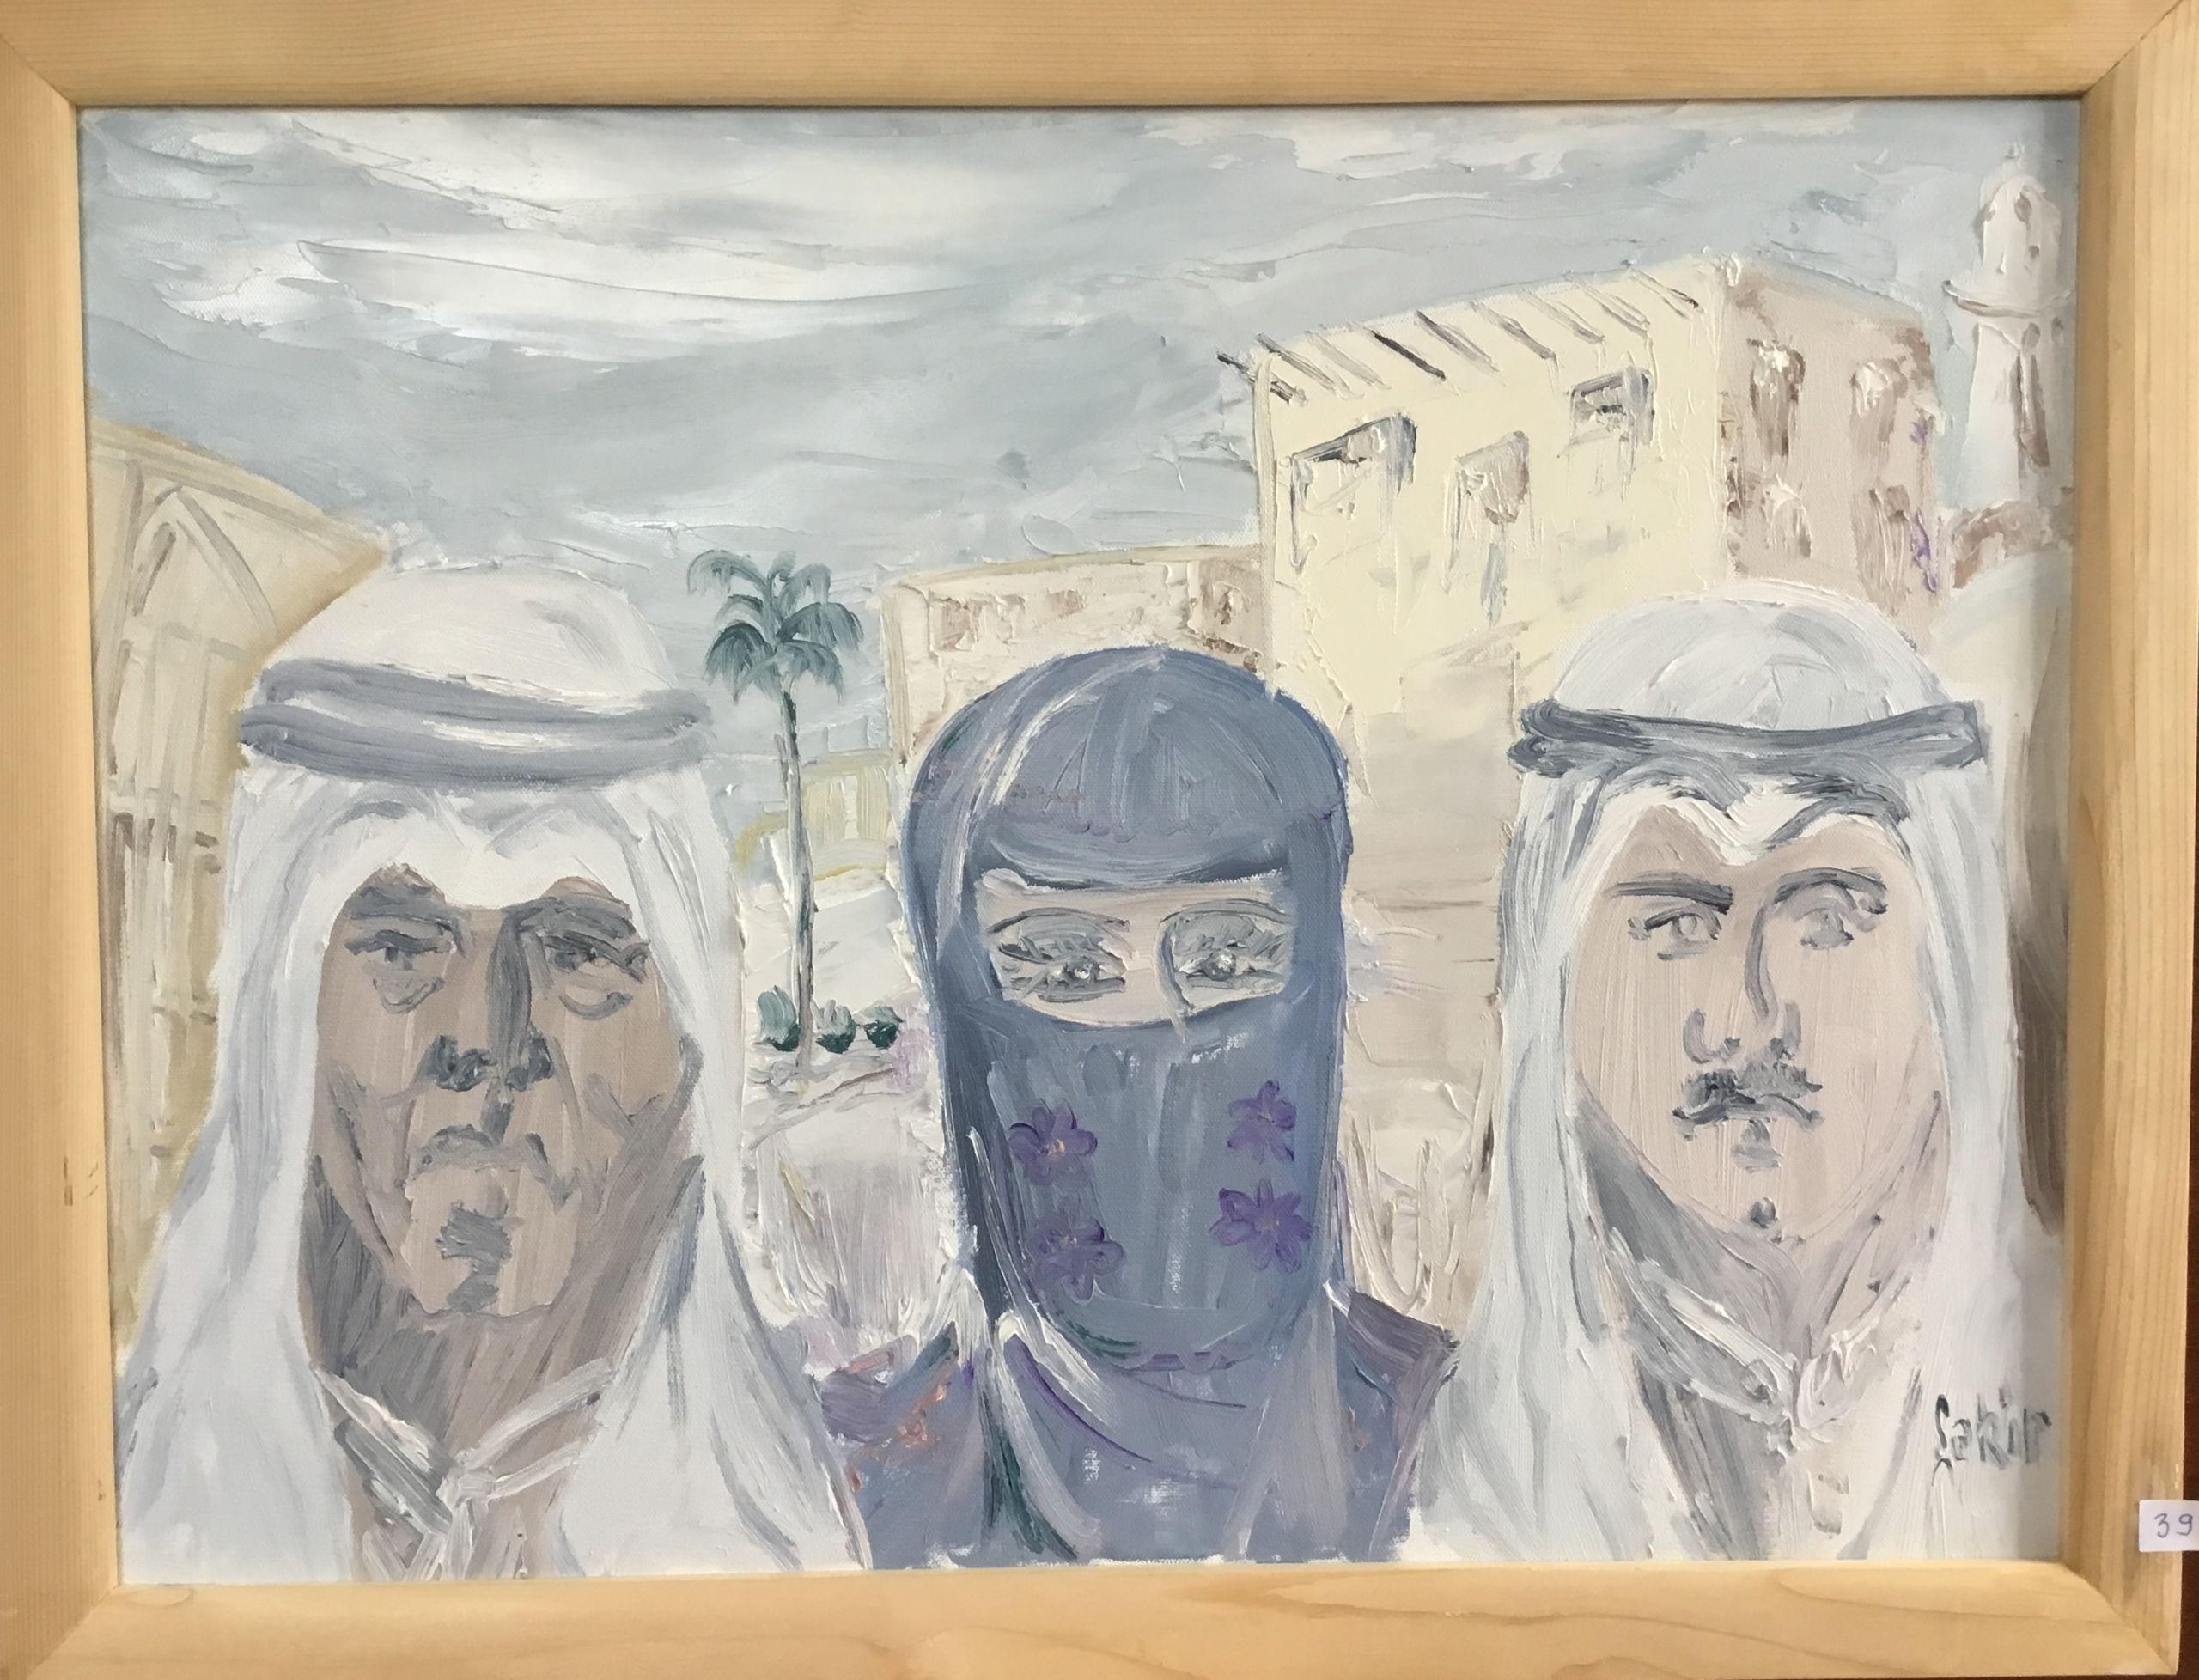 39.Basra Körfezinden, Tuval Üzerine Yağlıboya, 50×65